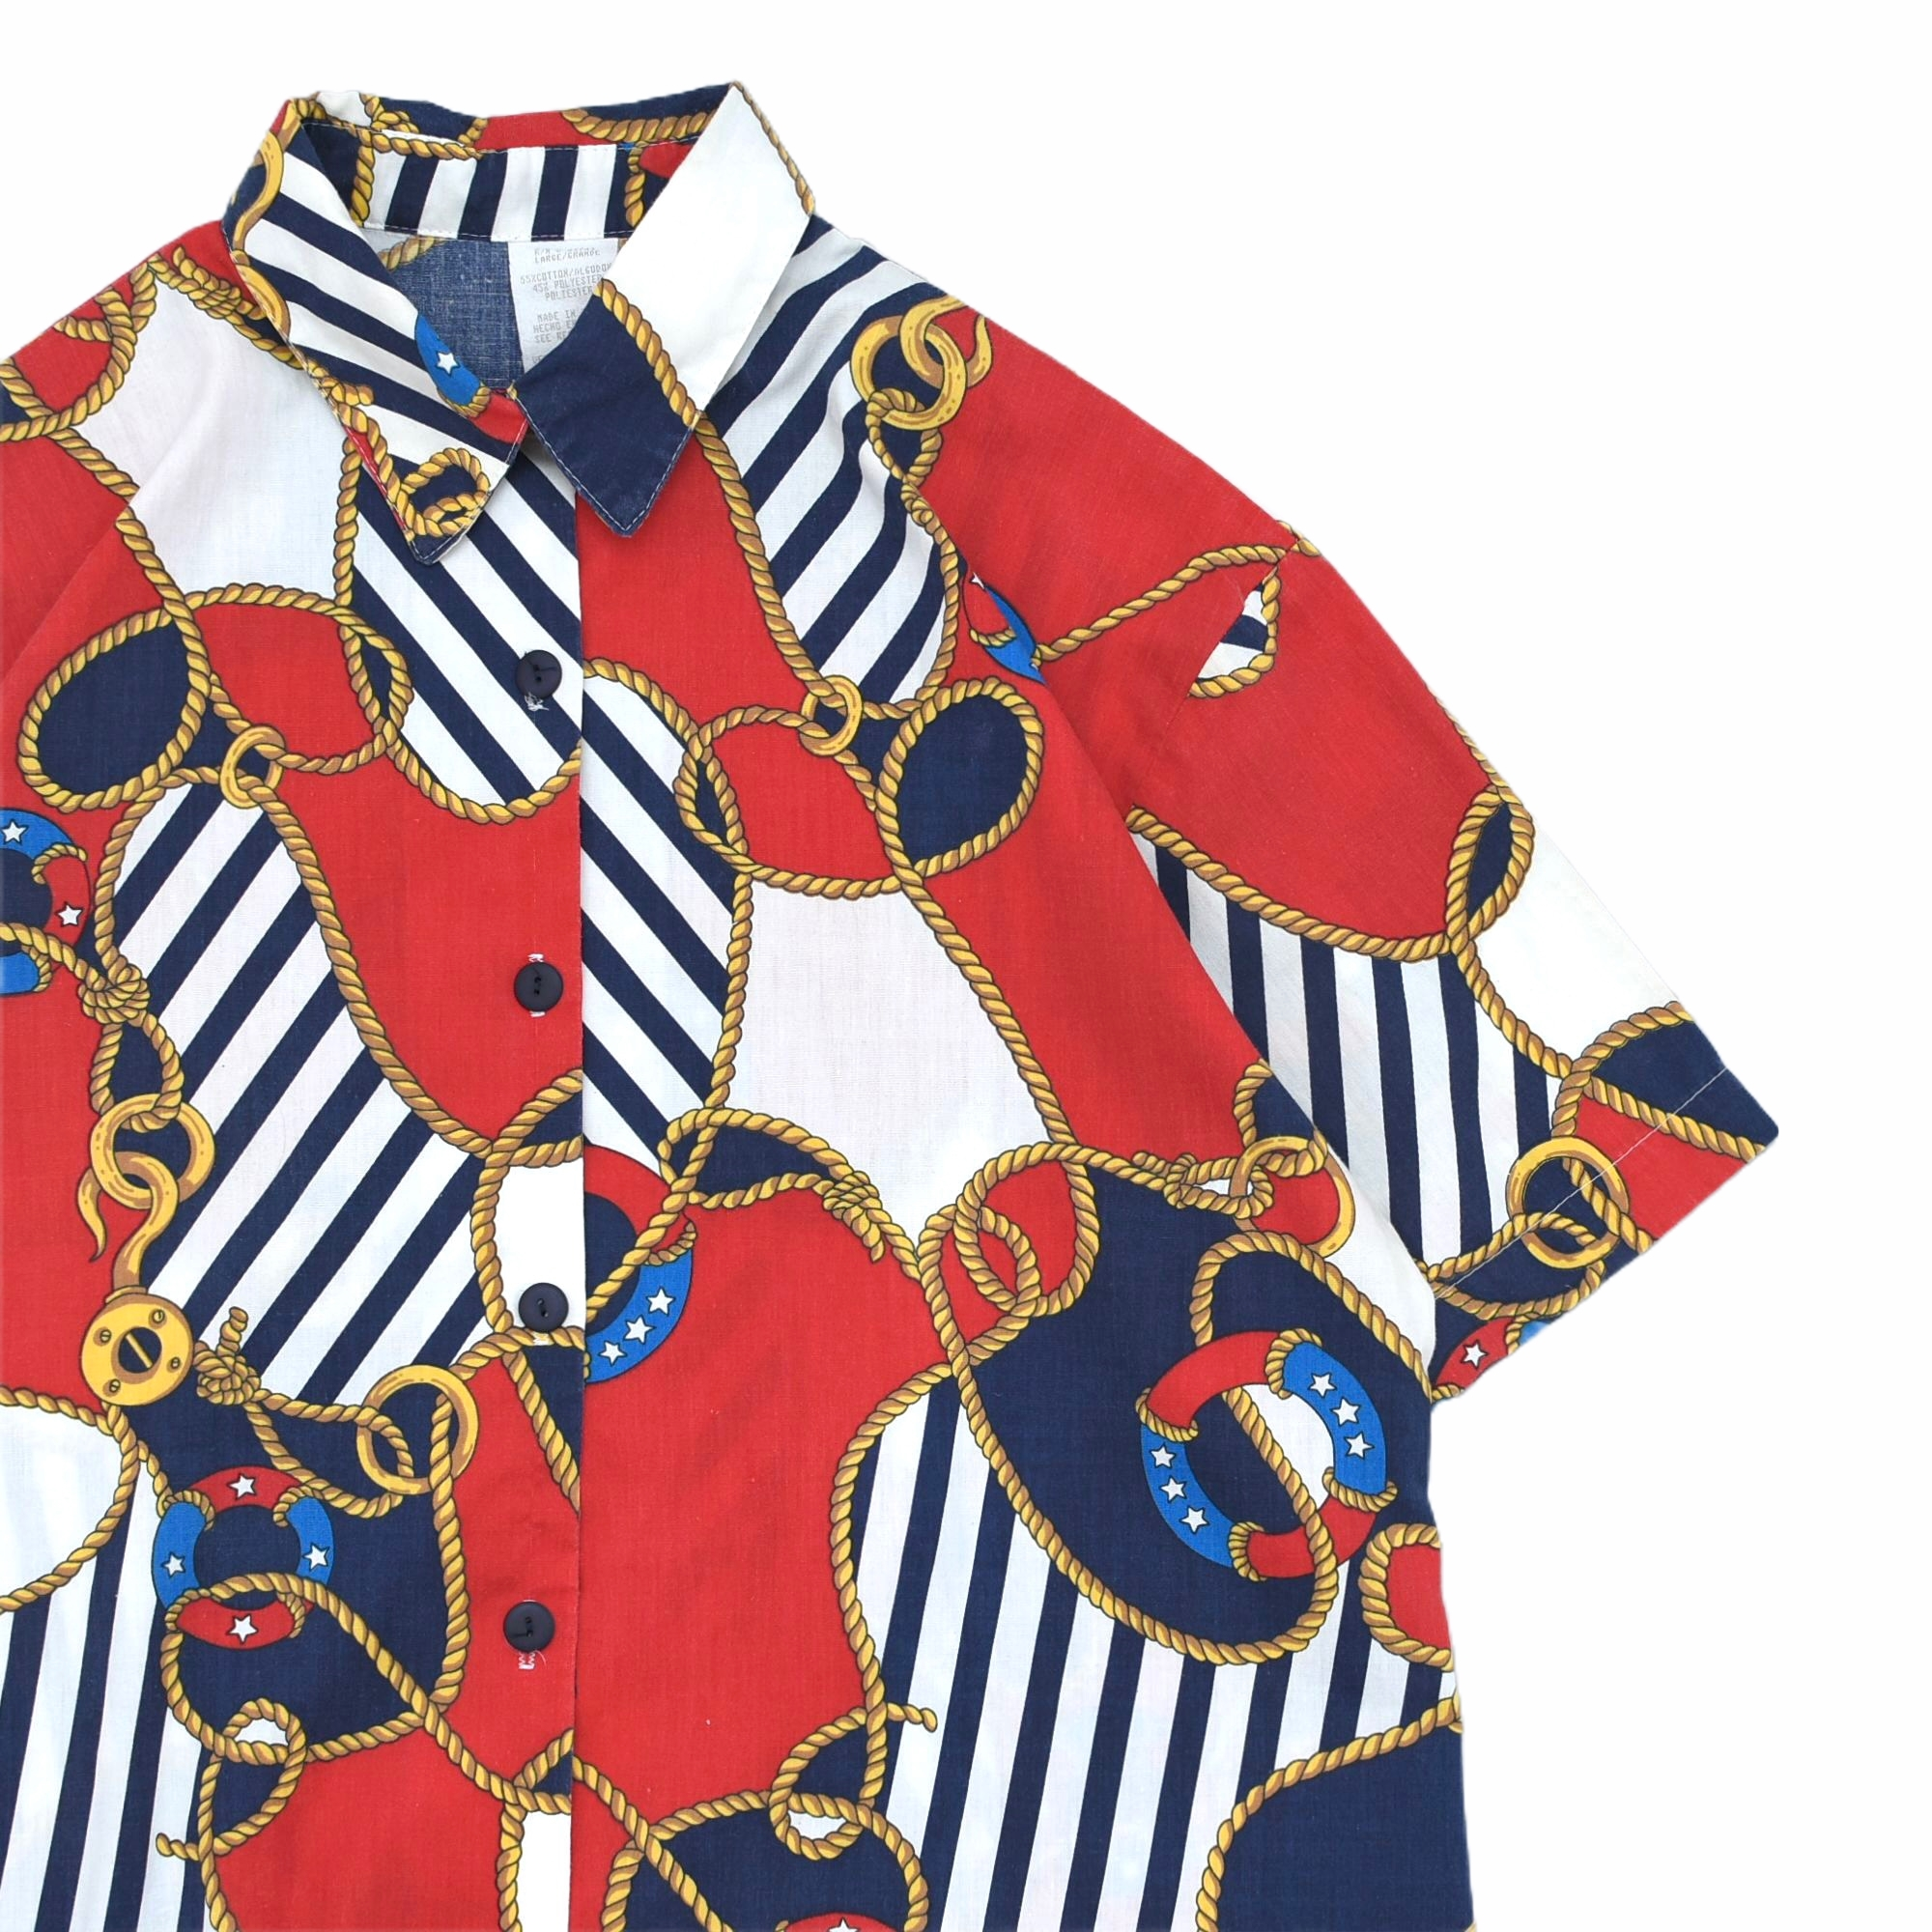 80〜90's Luxury marine full pattarn shirt Made in USA